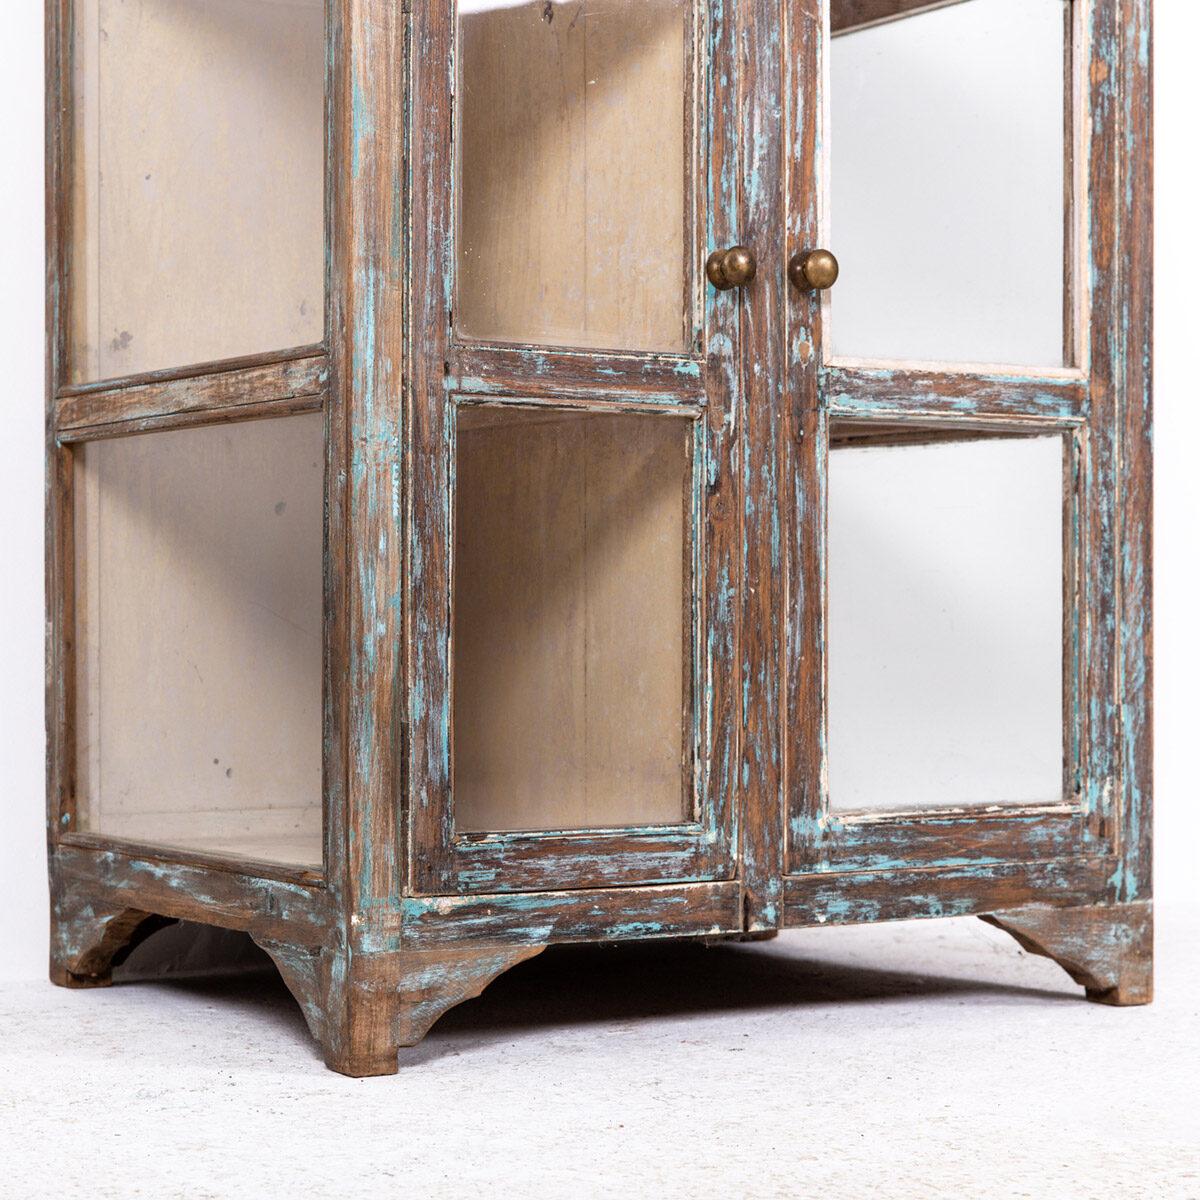 Hoge-glazen-kast-4-deuren-bruinblauw-8